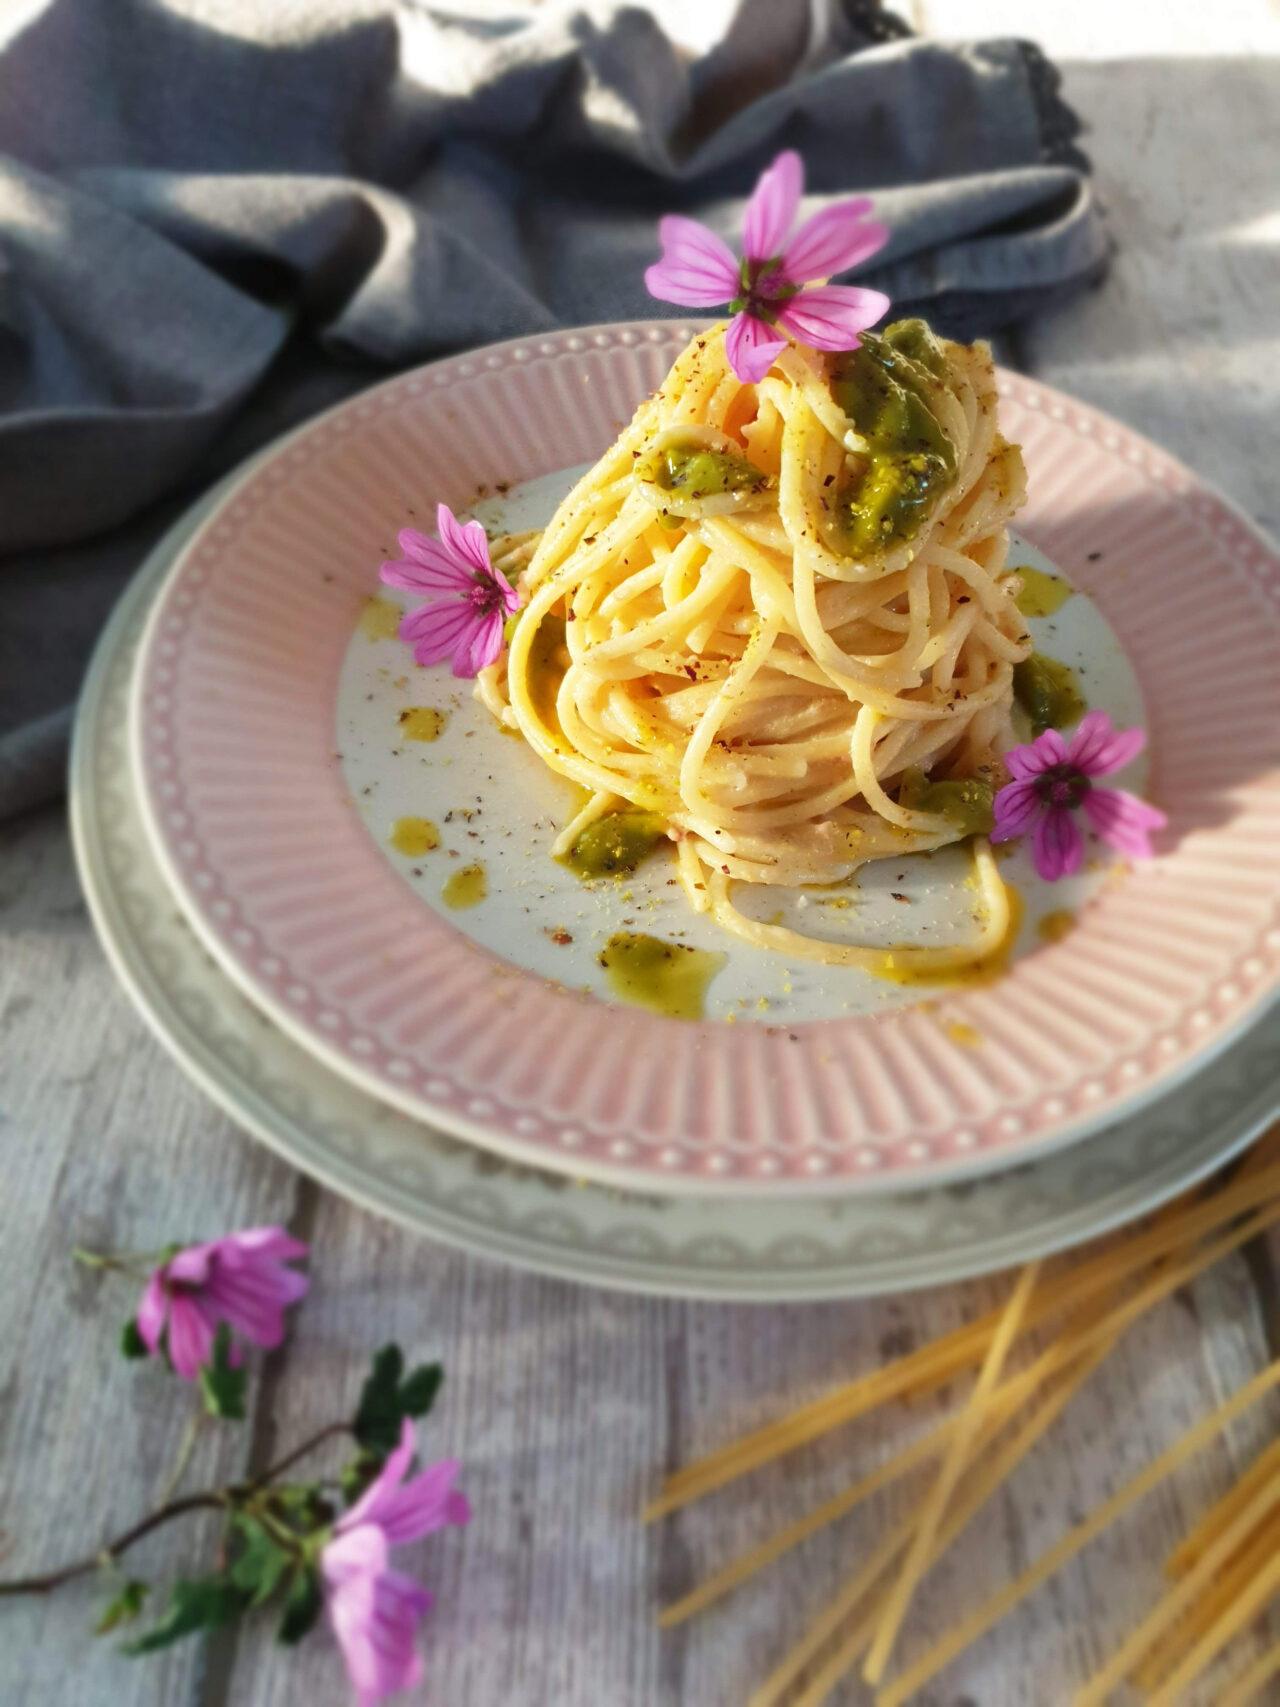 Spaghetti Pasta Armando con mortadella e pesto di pistacchio